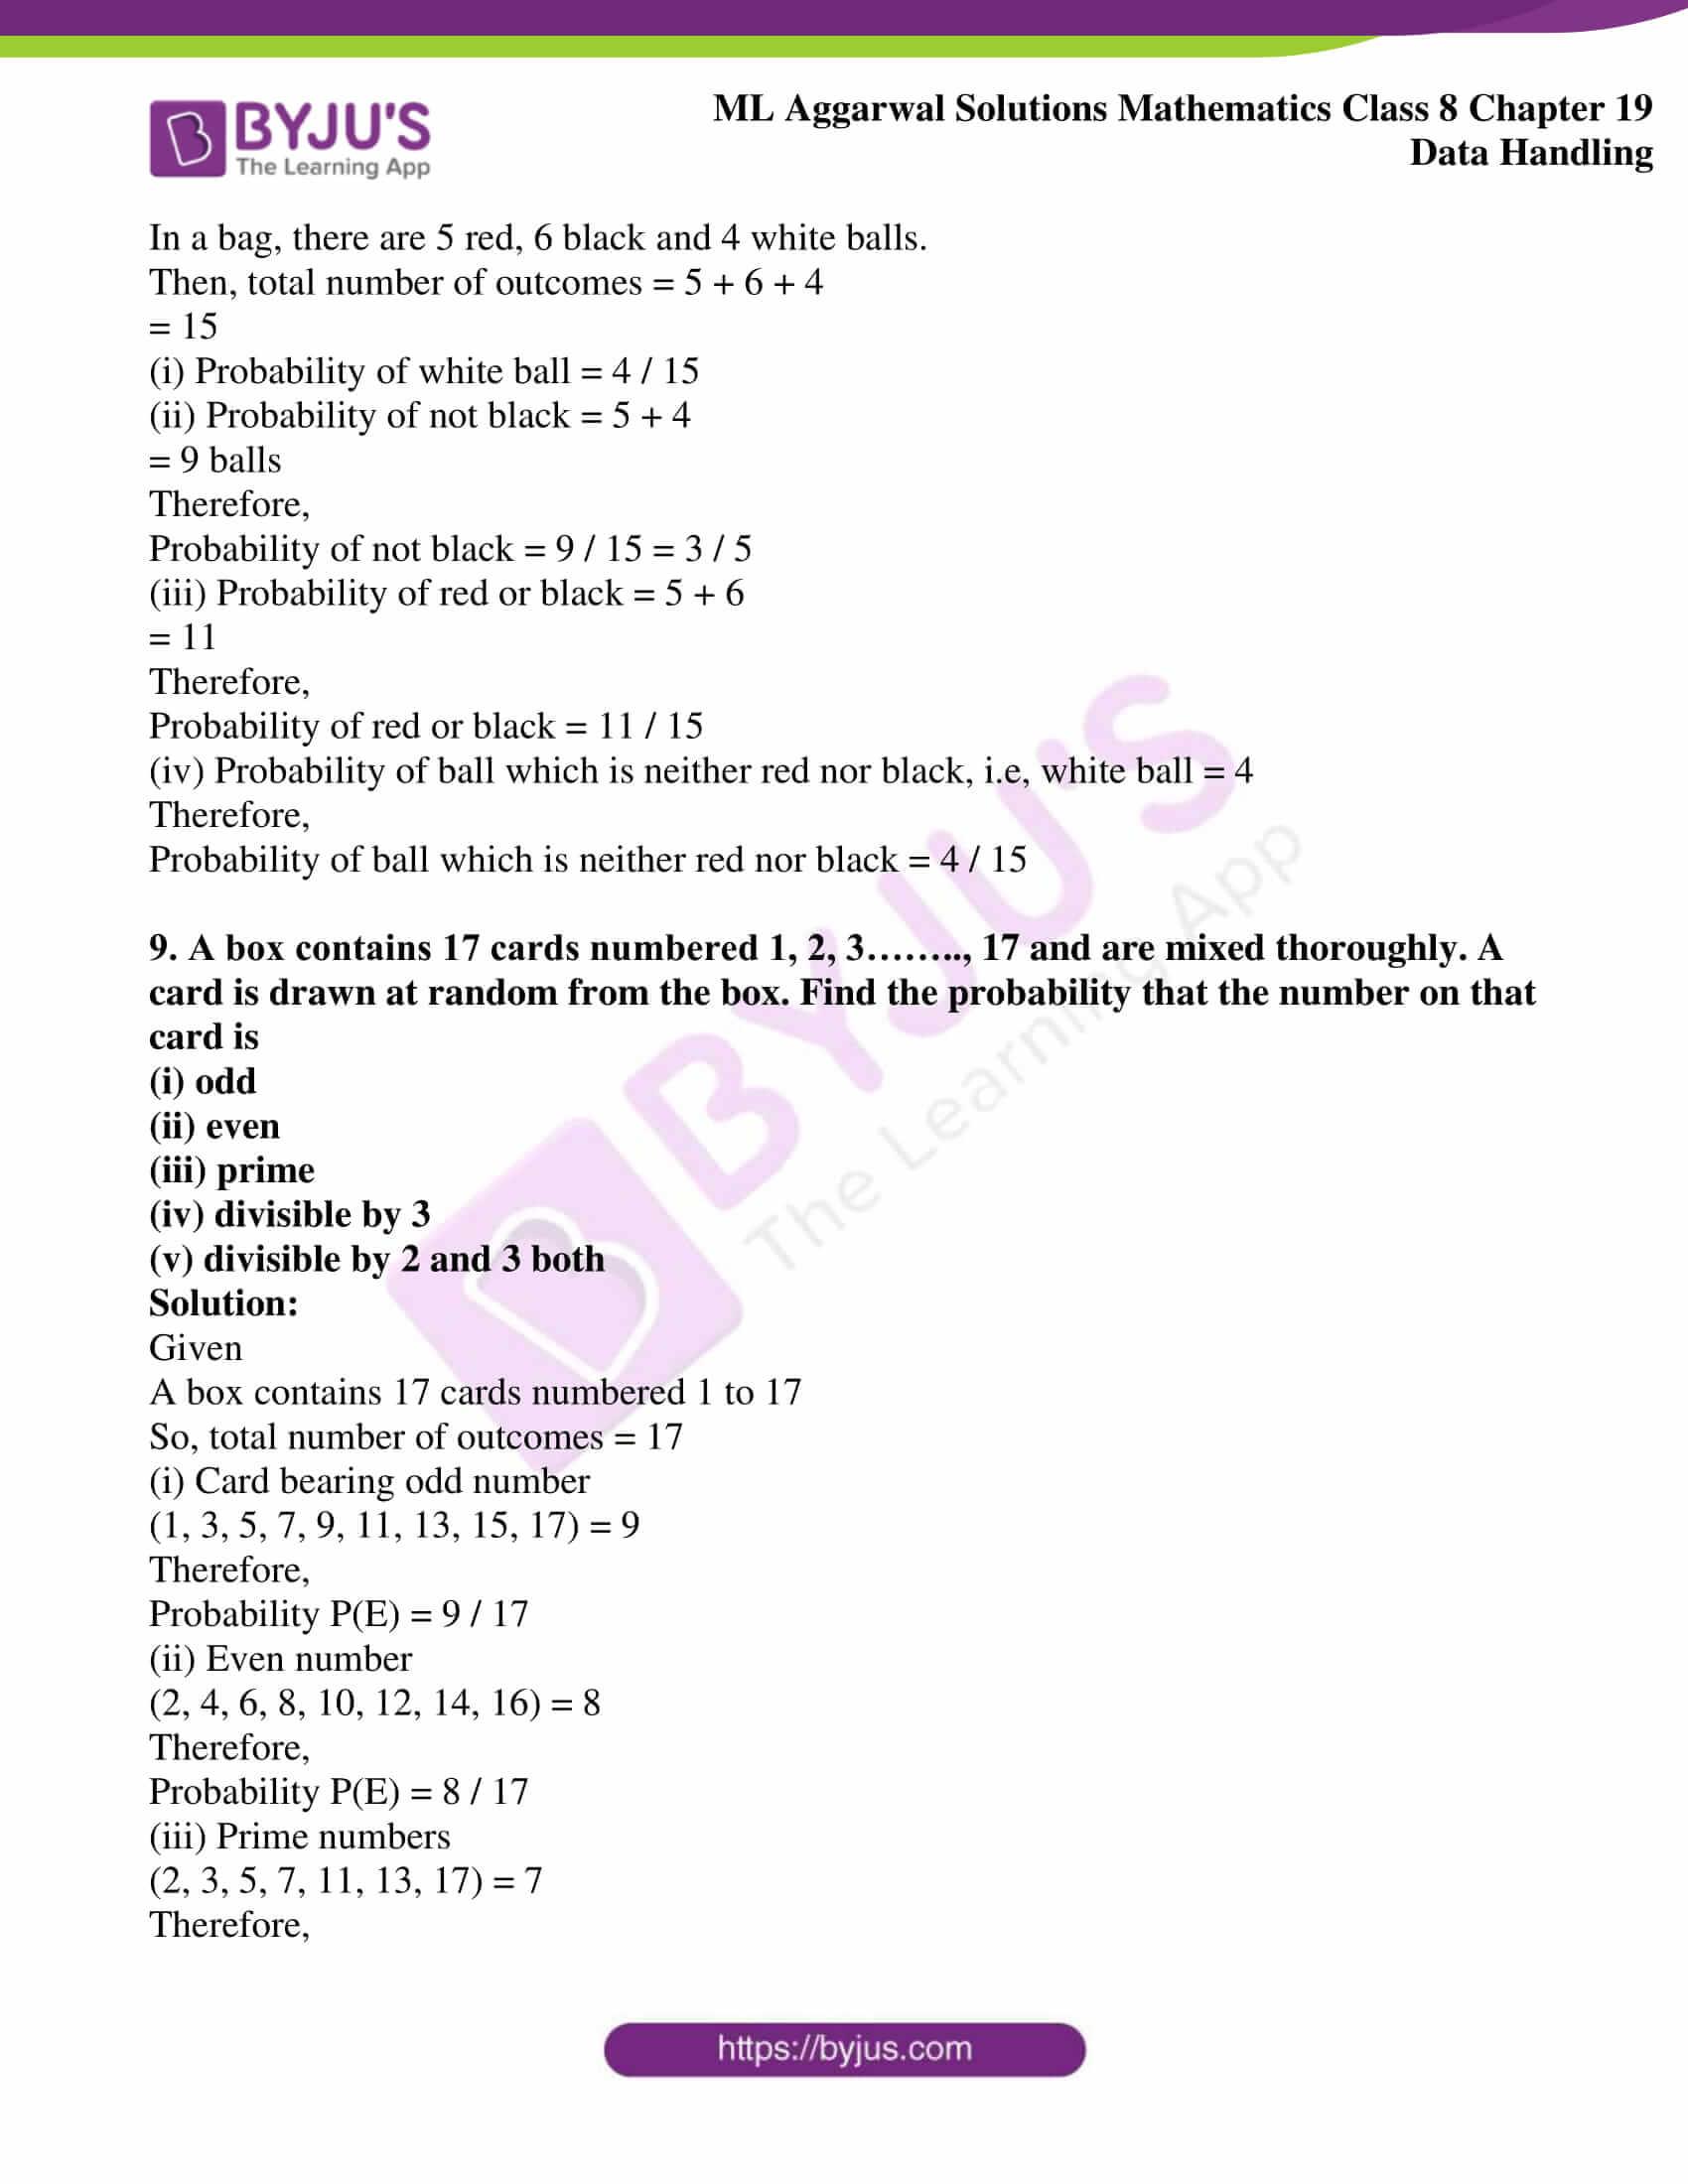 ml aggarwal sol mathematics class 8 ch 19 22